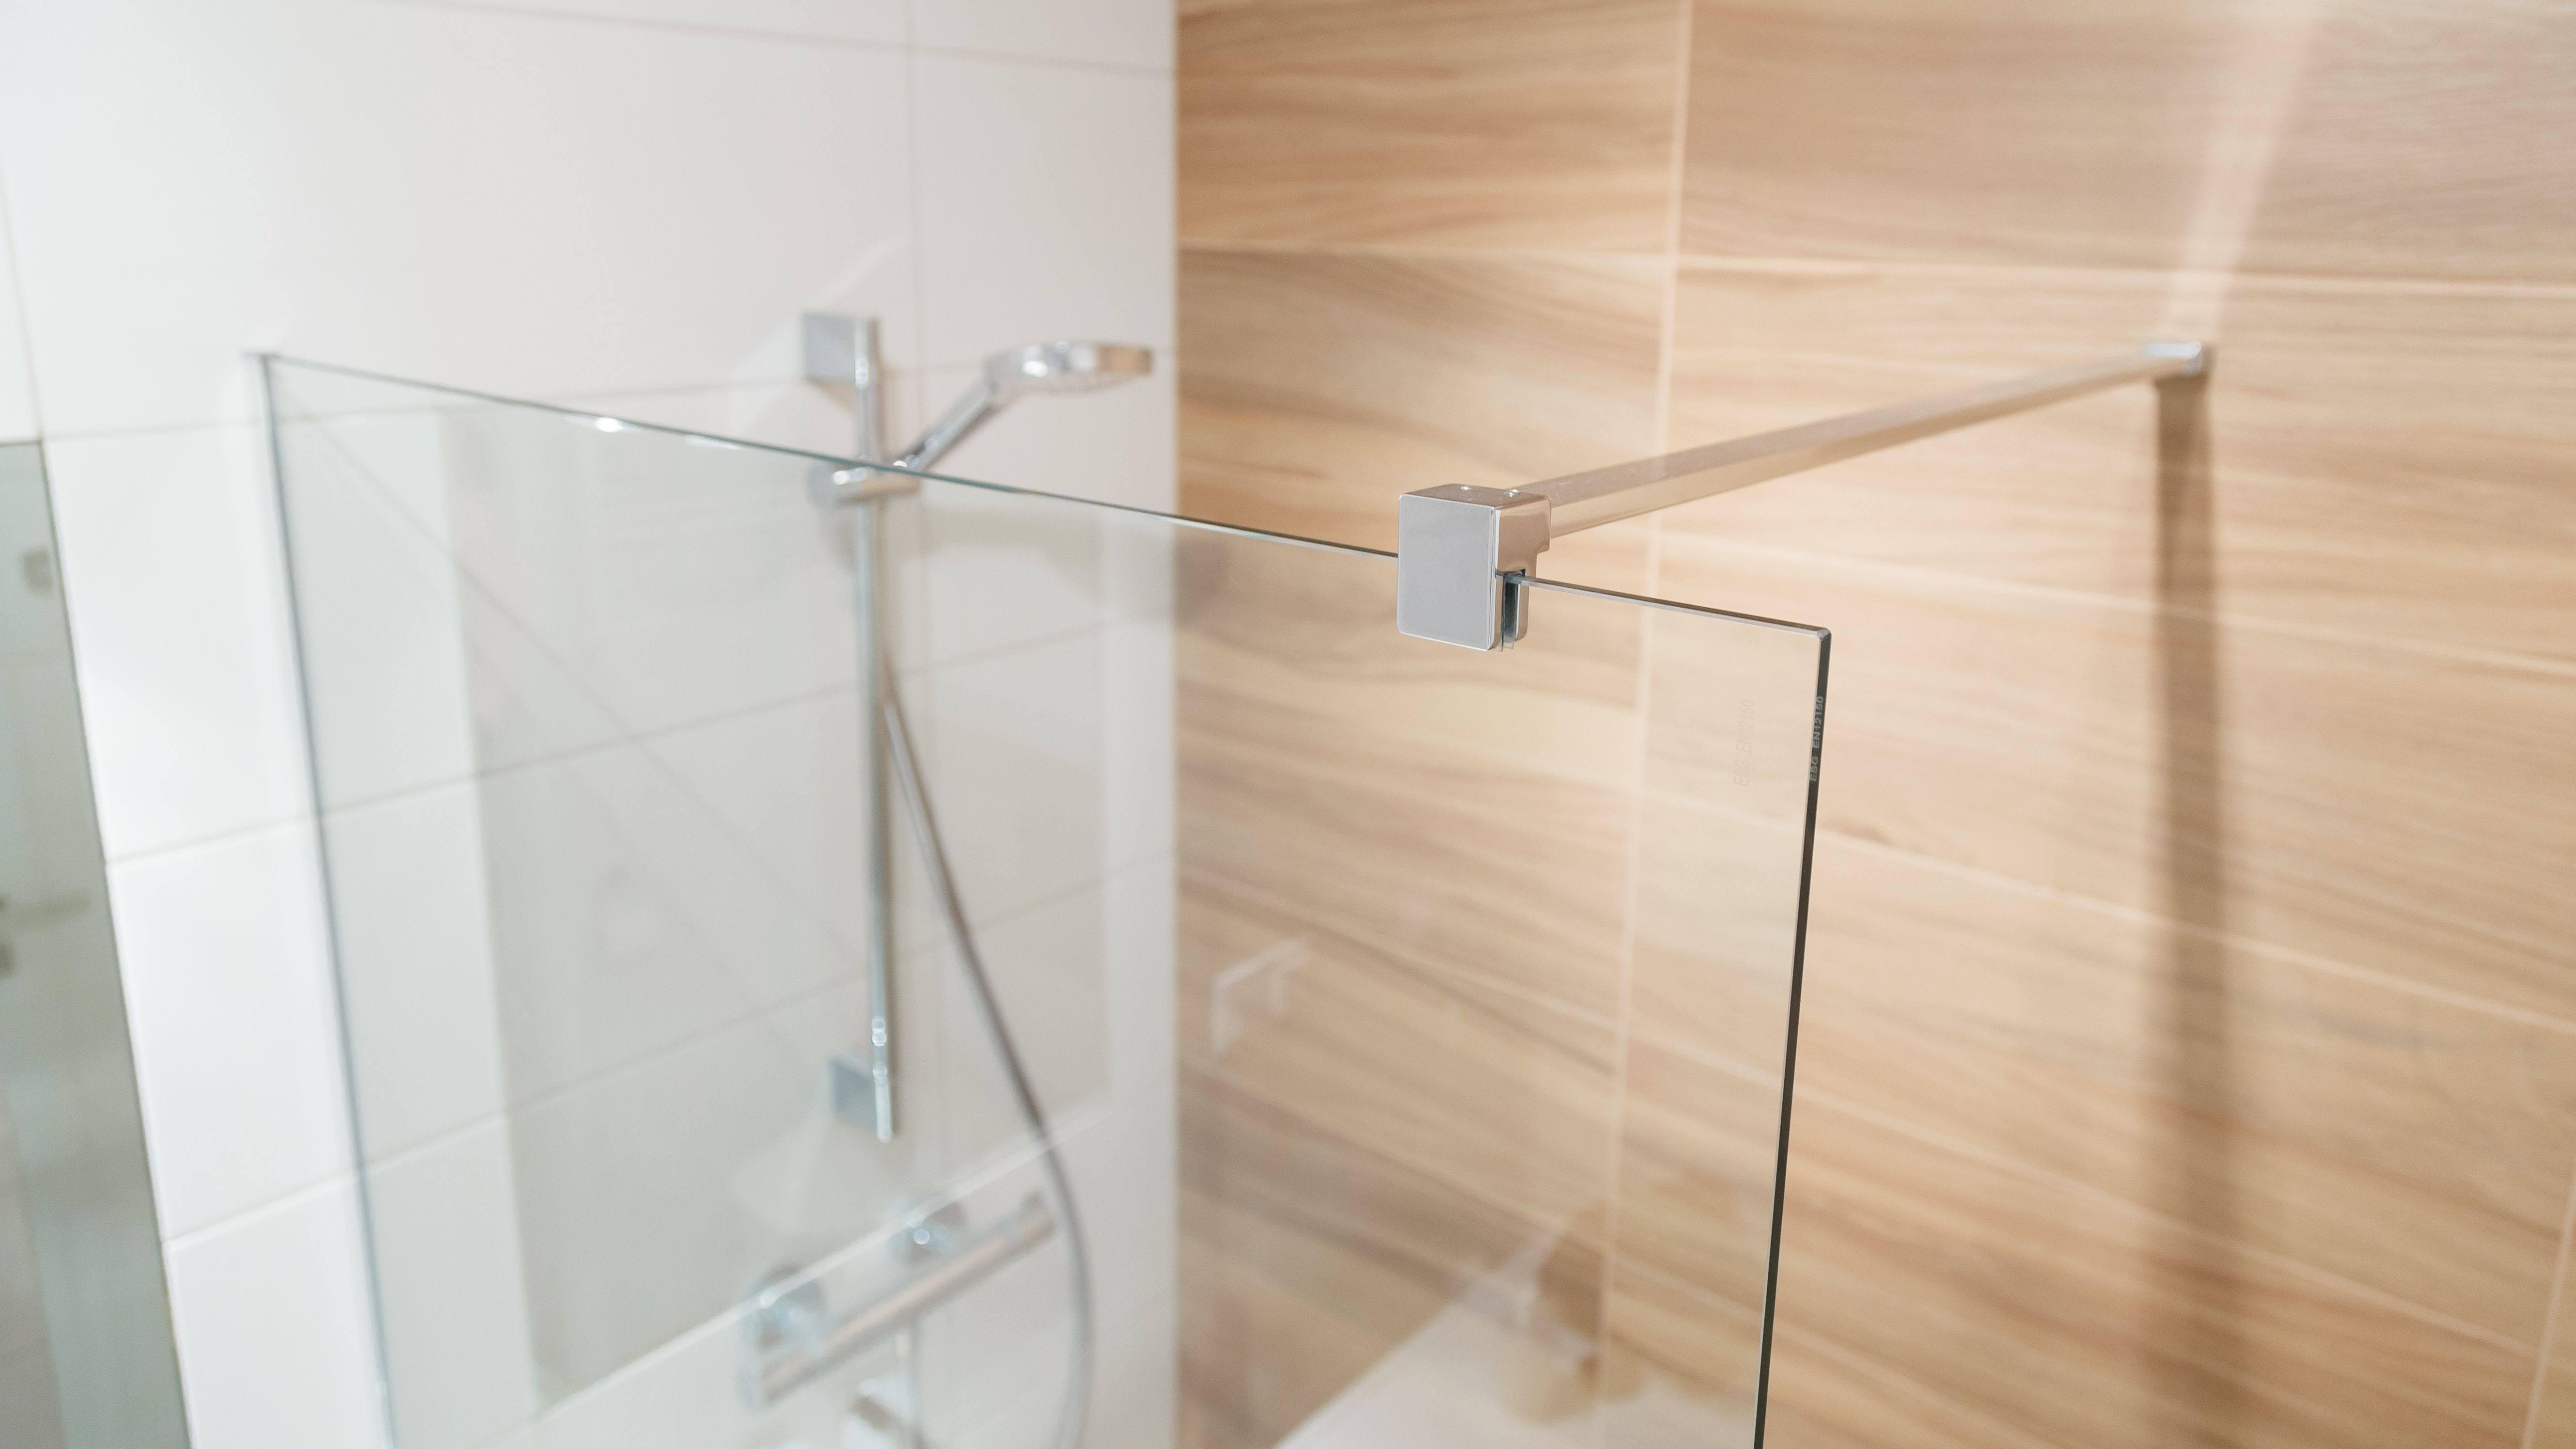 Duschwand einbauen: So geht's